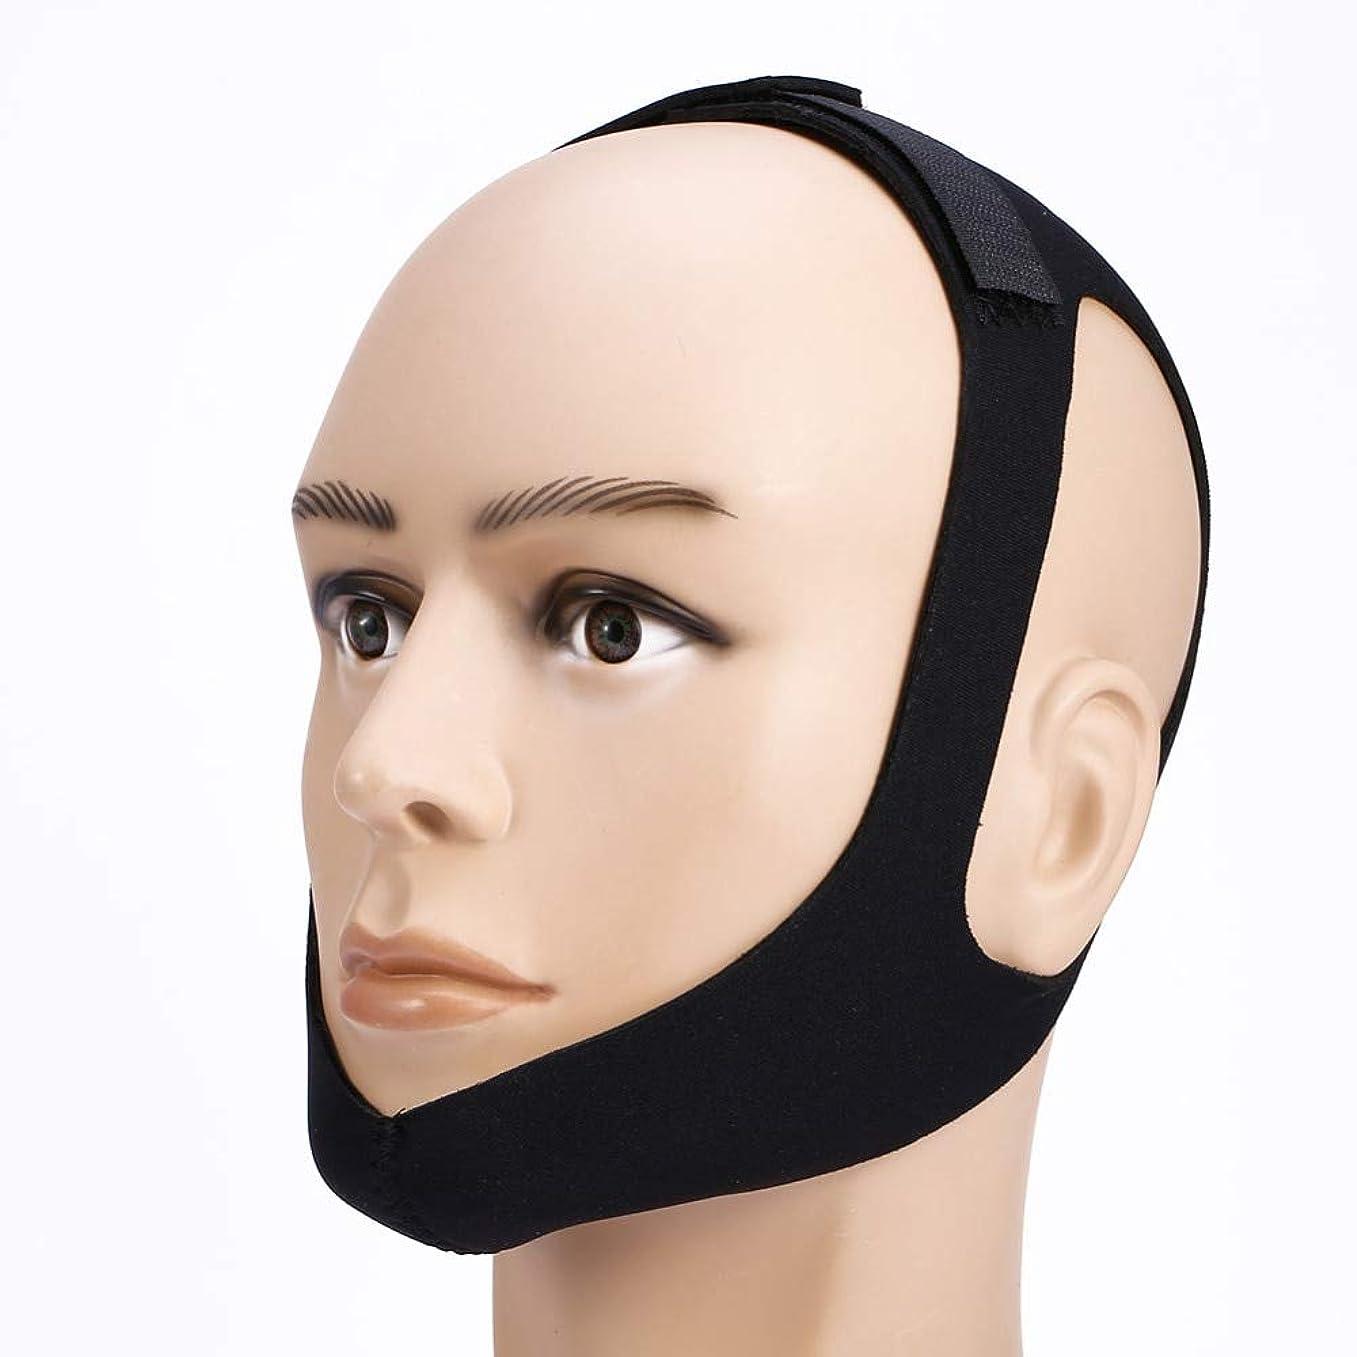 ロールケージバイオレット注意睡眠時無呼吸顎あごサポートストラップベルトいびき防止ヘッドバンドいびきベルト止めいびき防止マスク女性用男性寝具